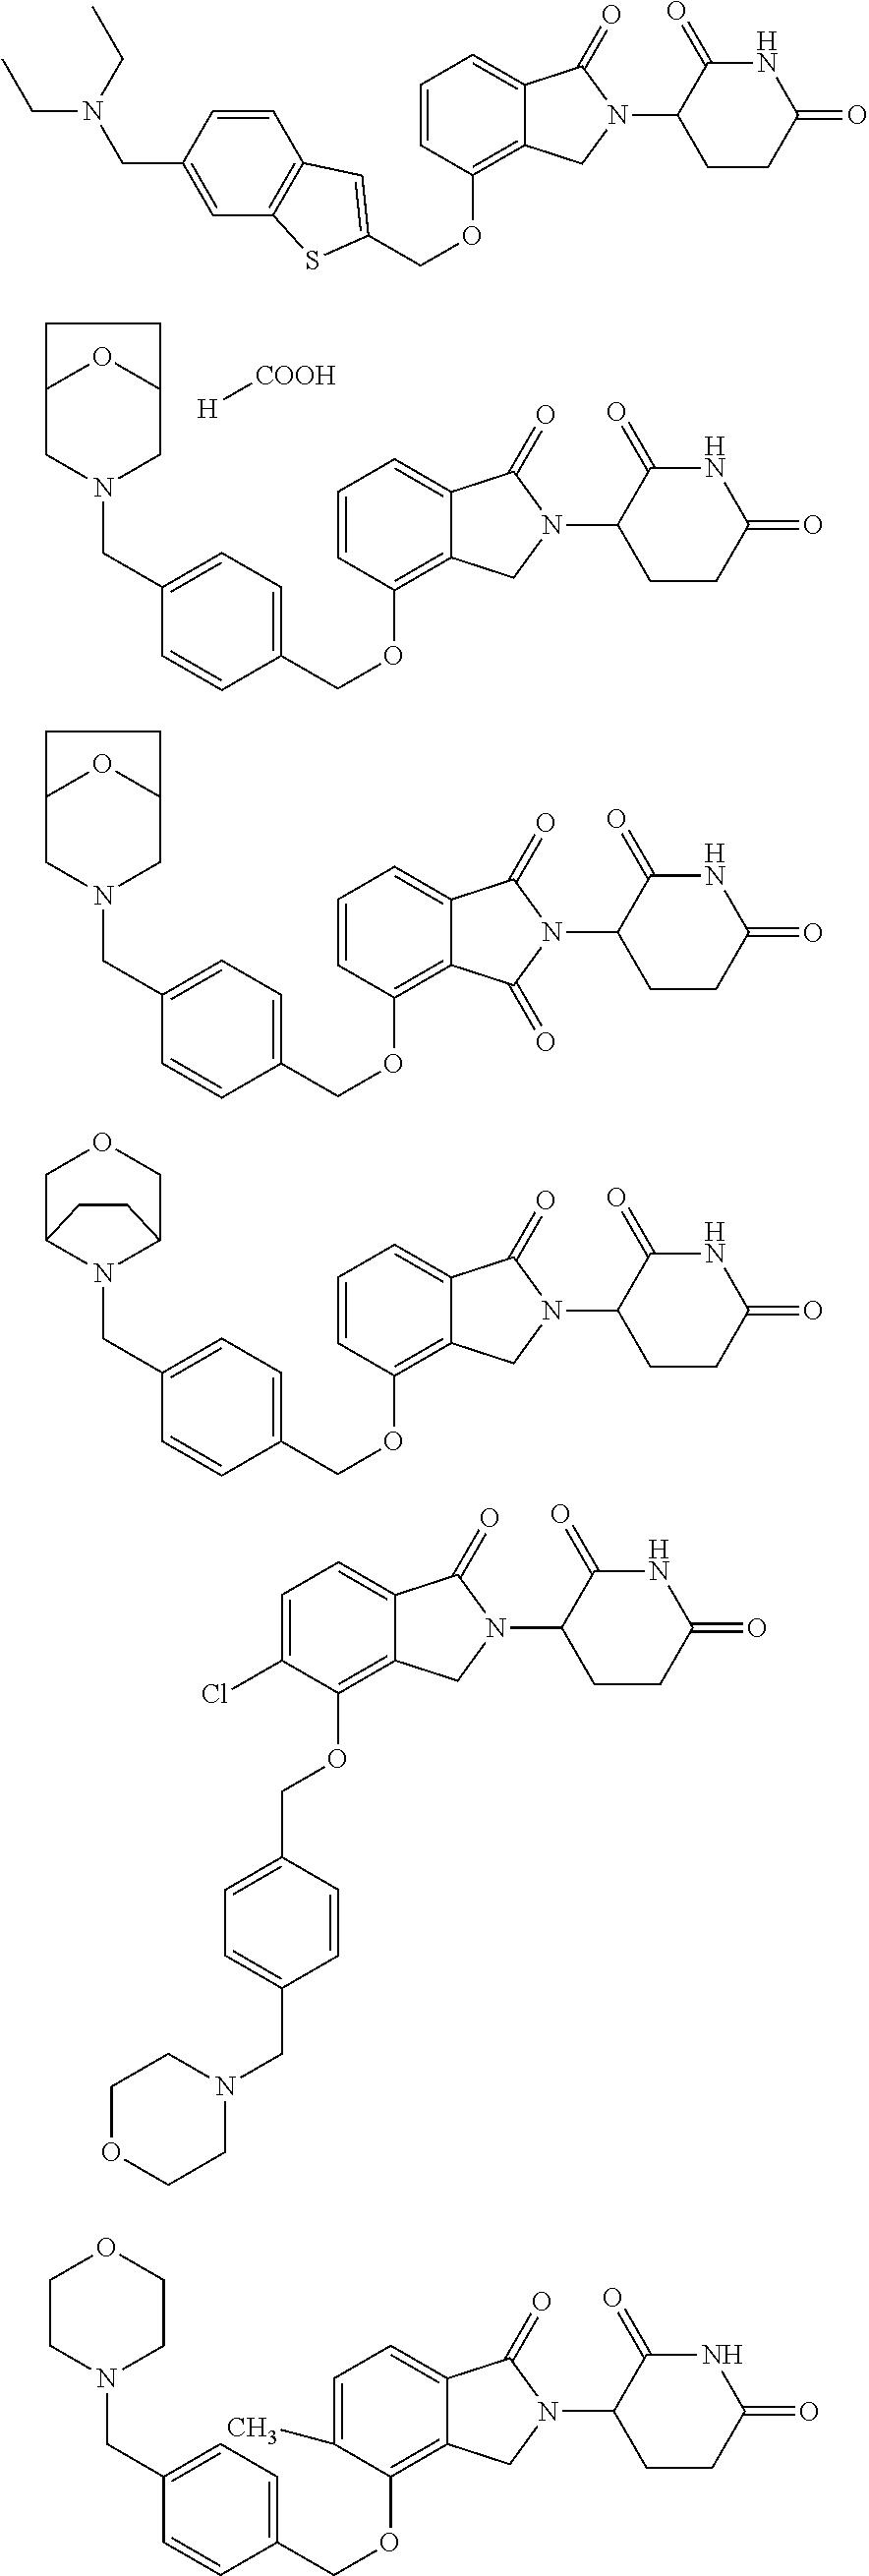 Figure US09822094-20171121-C00053